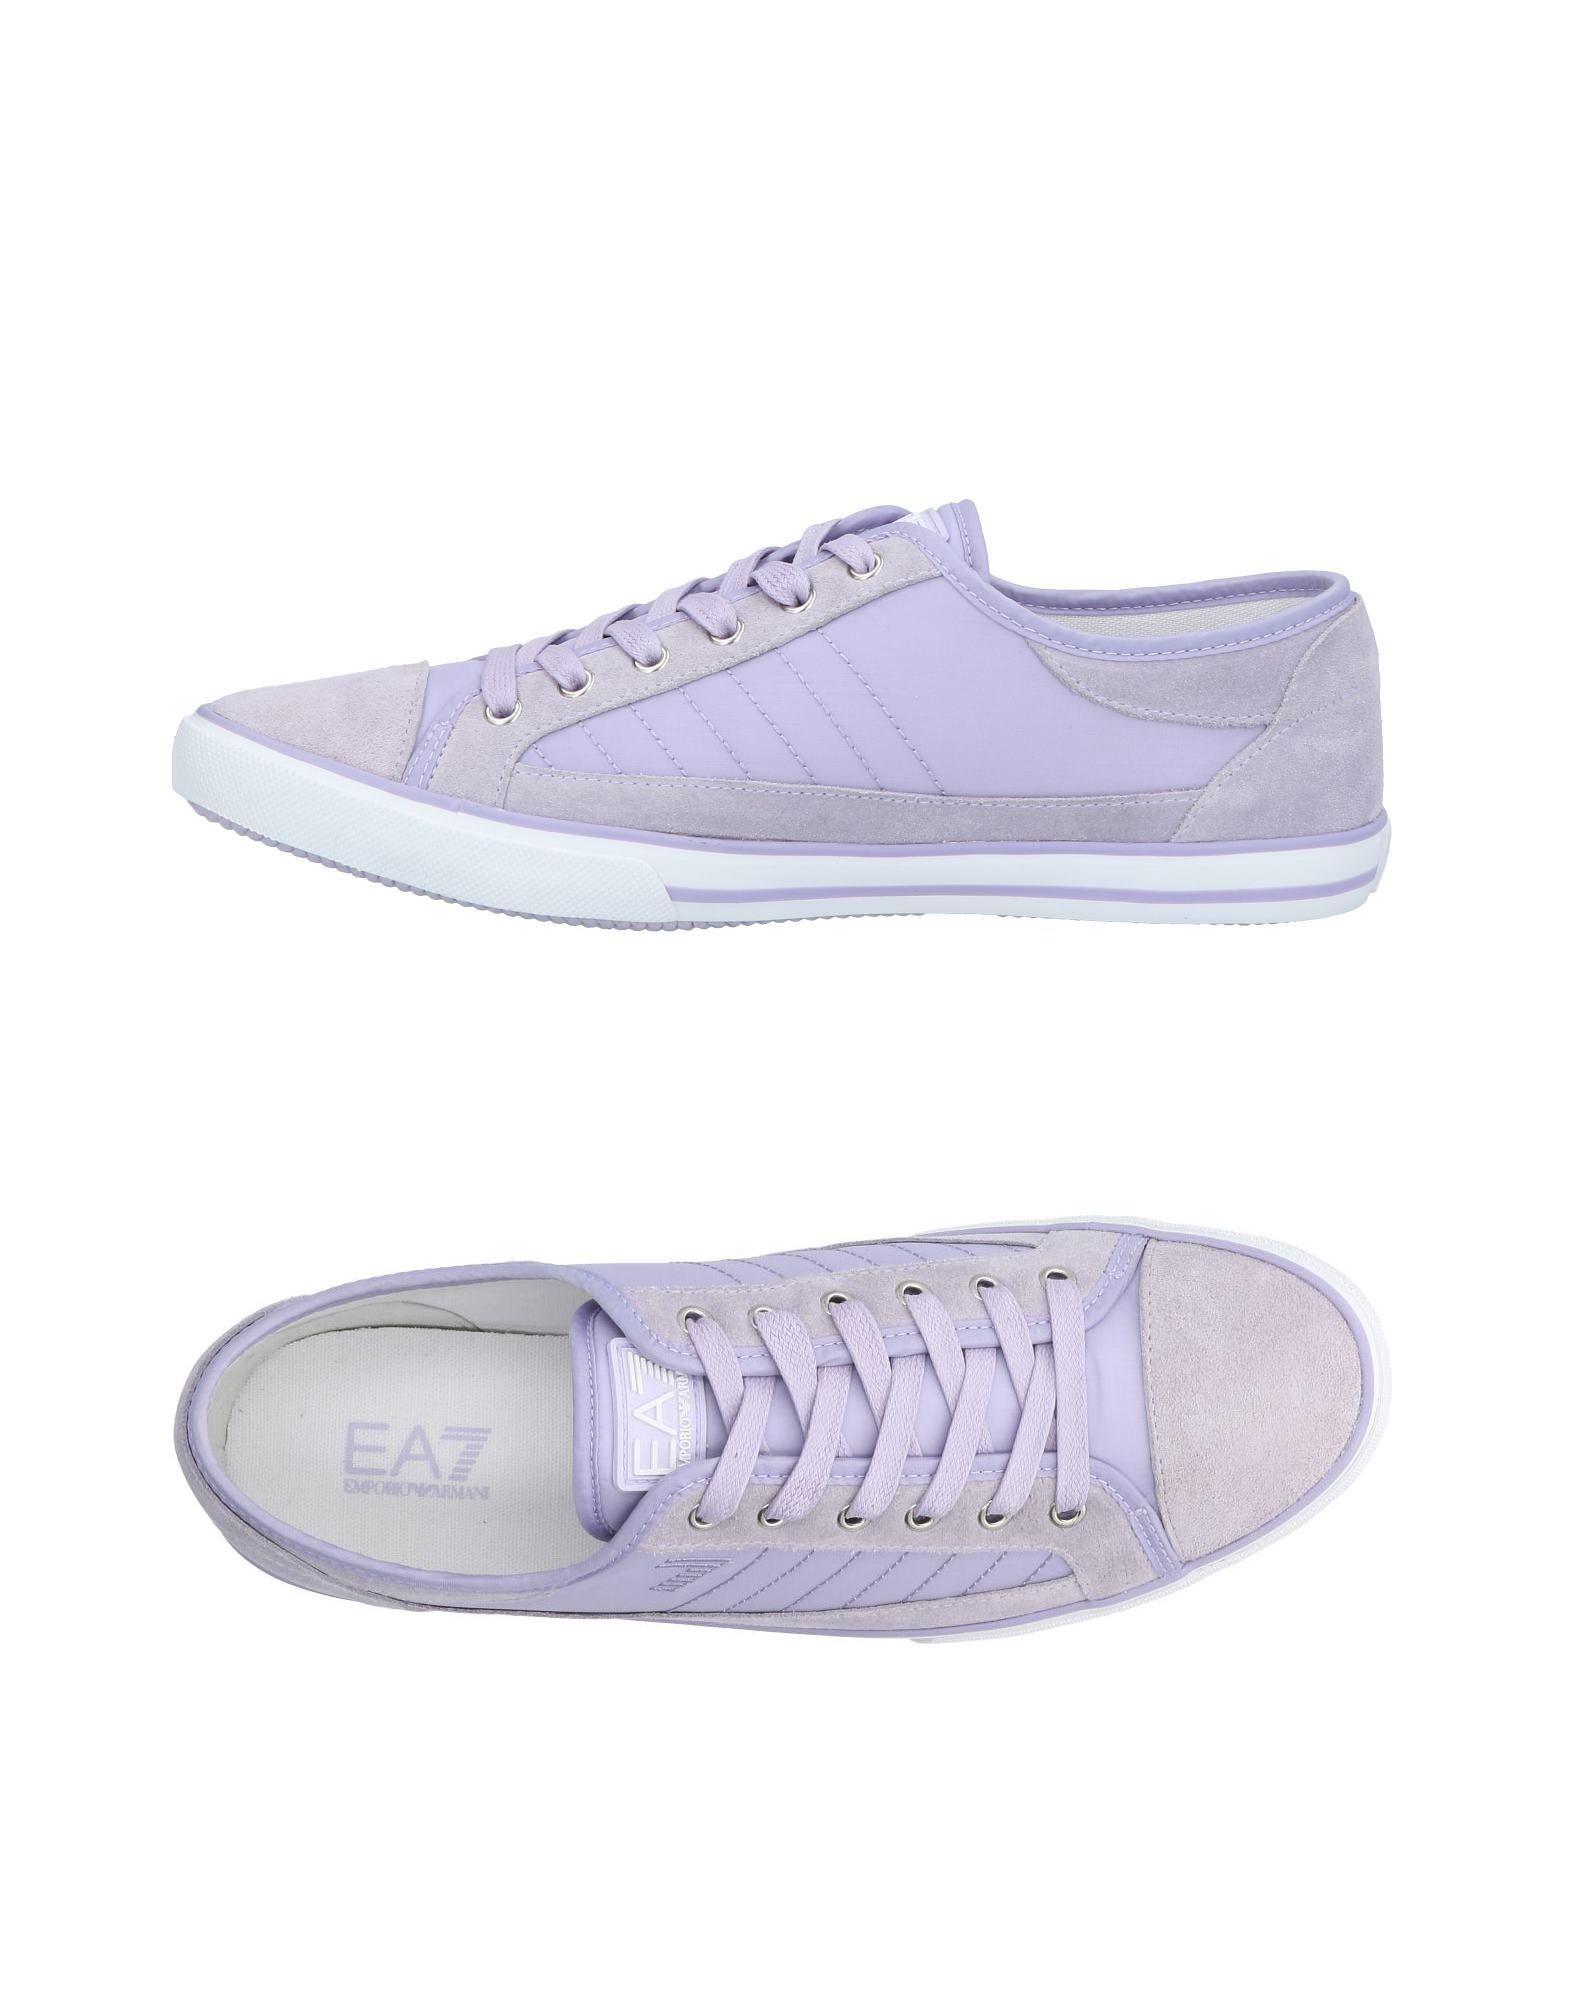 Rabatt echte Schuhe Ea7 Sneakers Herren  11173629JL